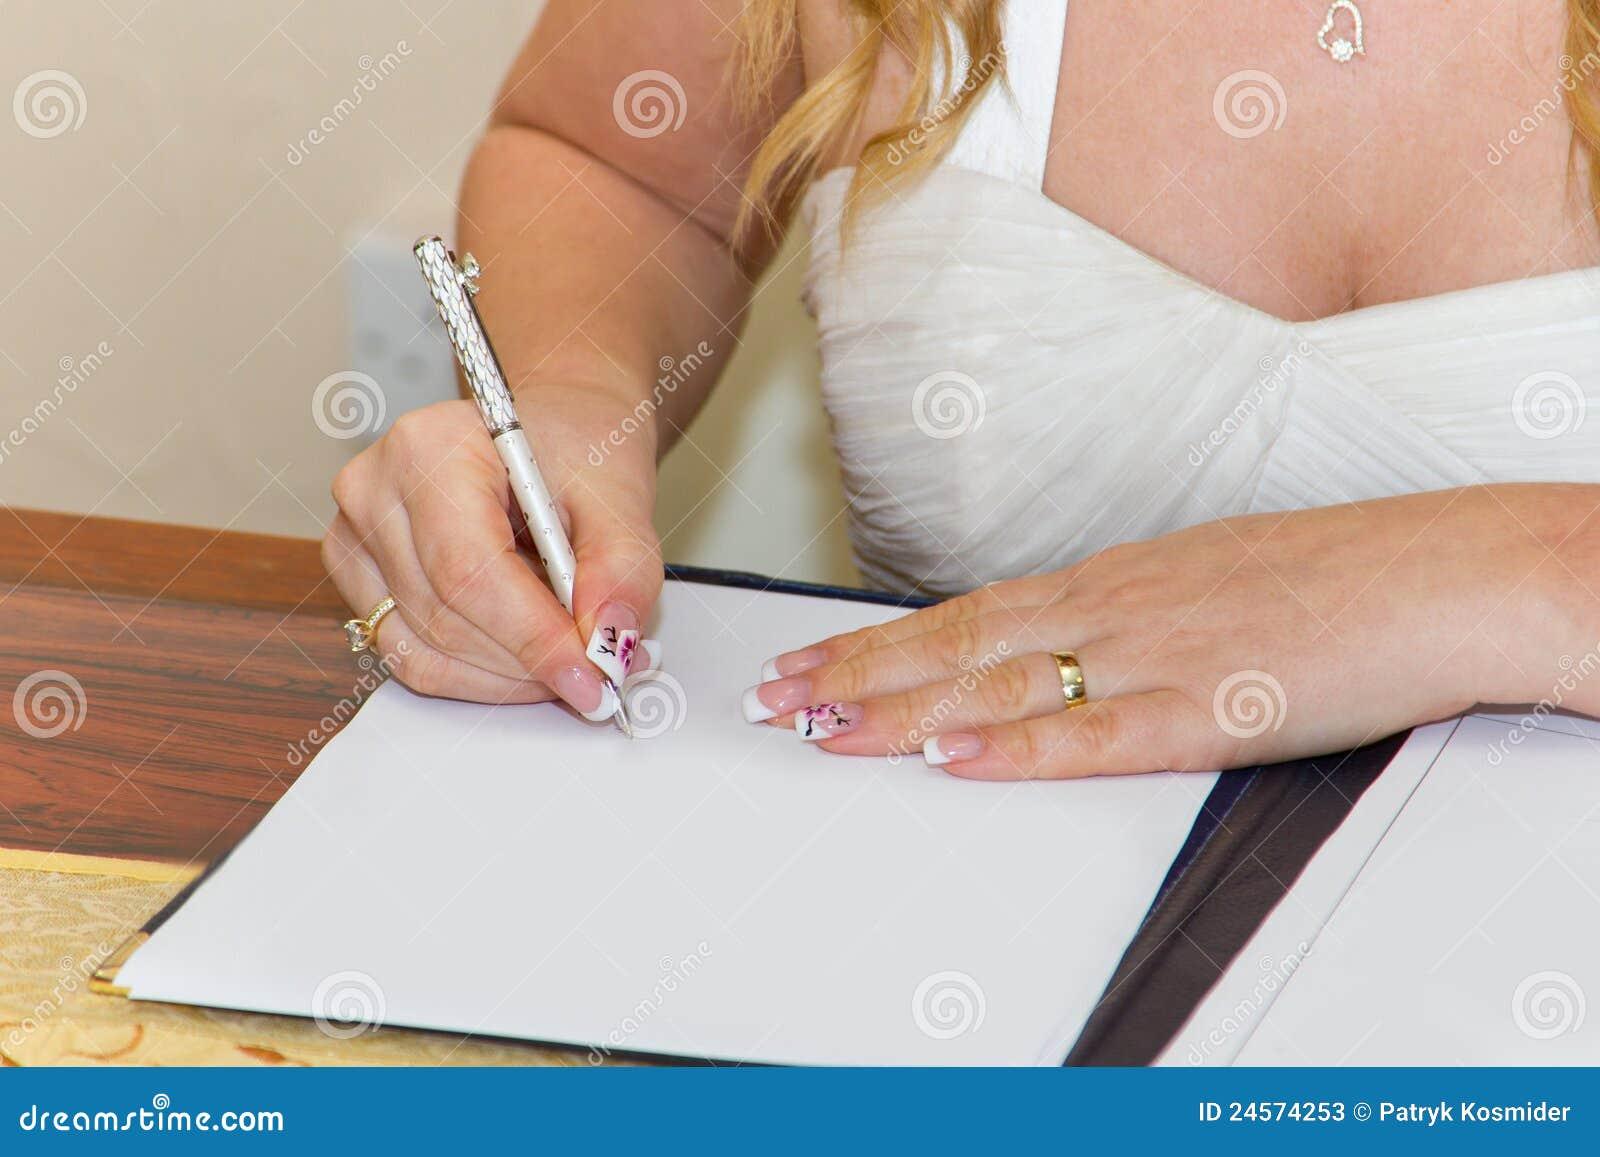 Modulo di registro di sign di unione della sposa